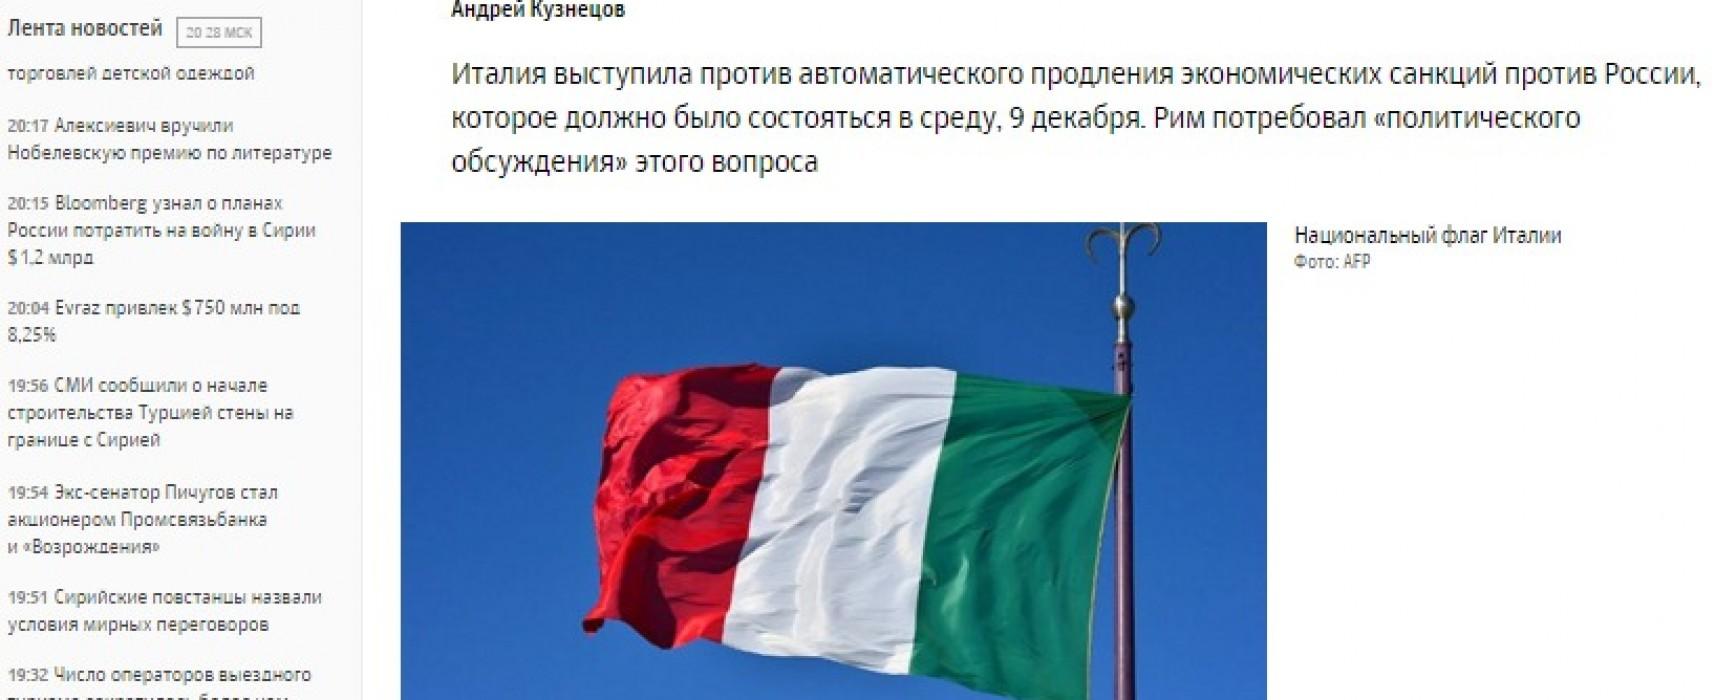 En Italia no confirman el bloqueo de las sanciones contra Rusia